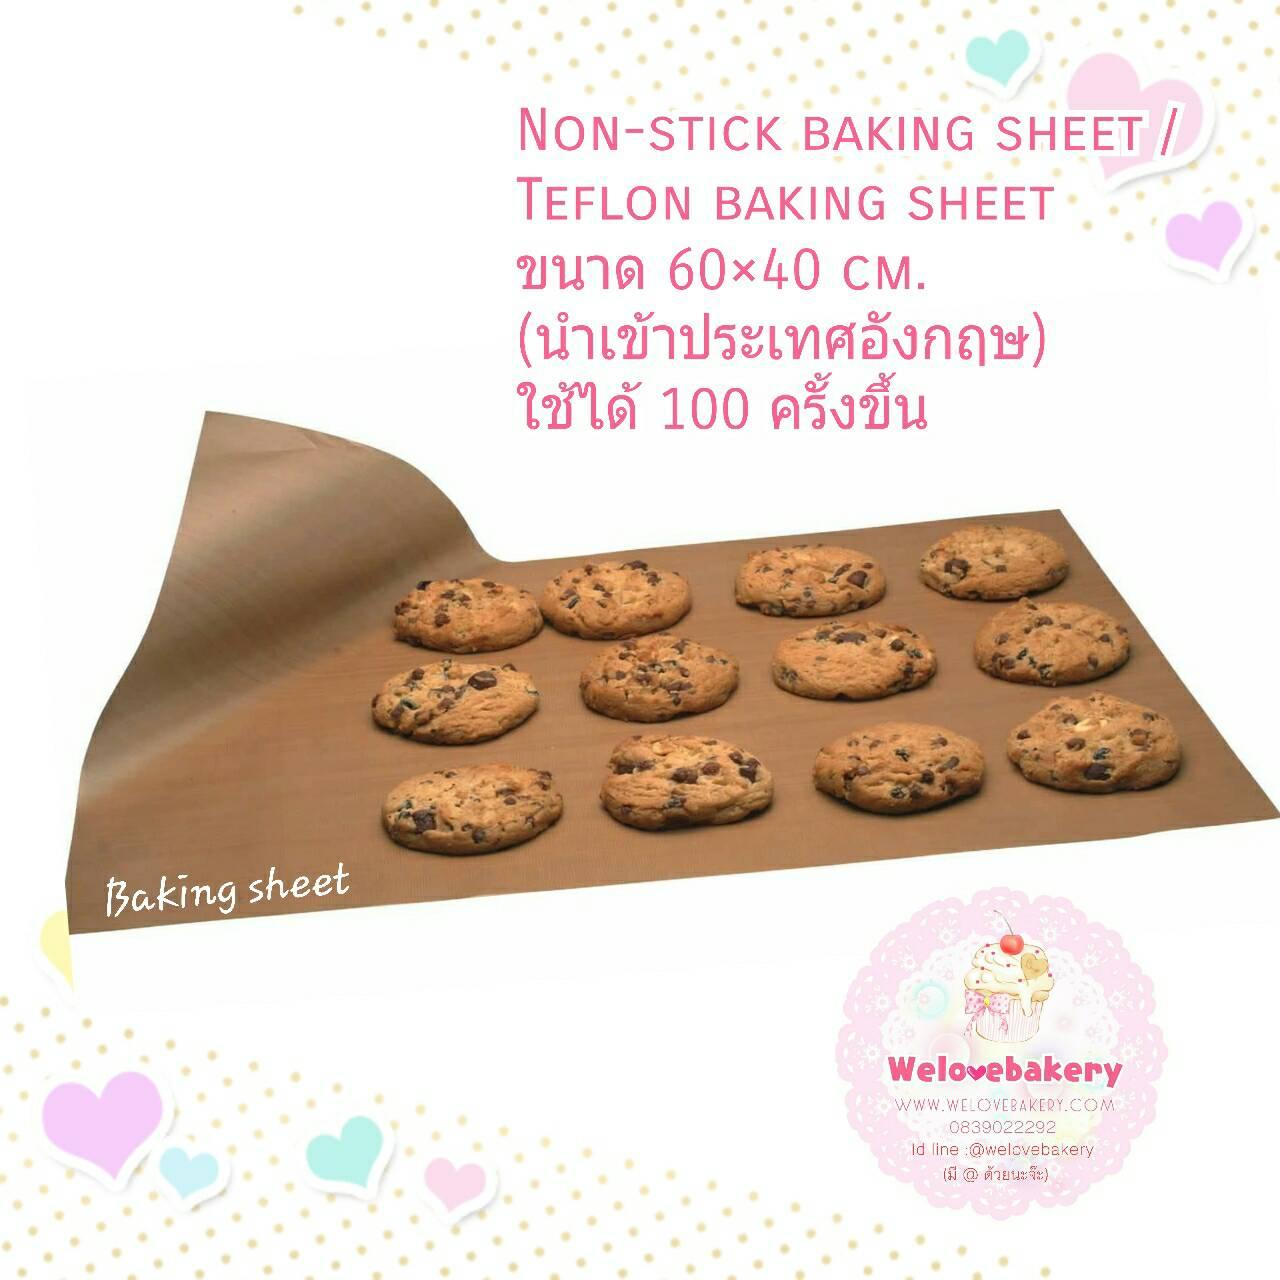 แผ่นรองอบ (silpat /teflon baking sheet) ขนาด 60*40 cm. (นำเข้าประเทศอังกฤษ)